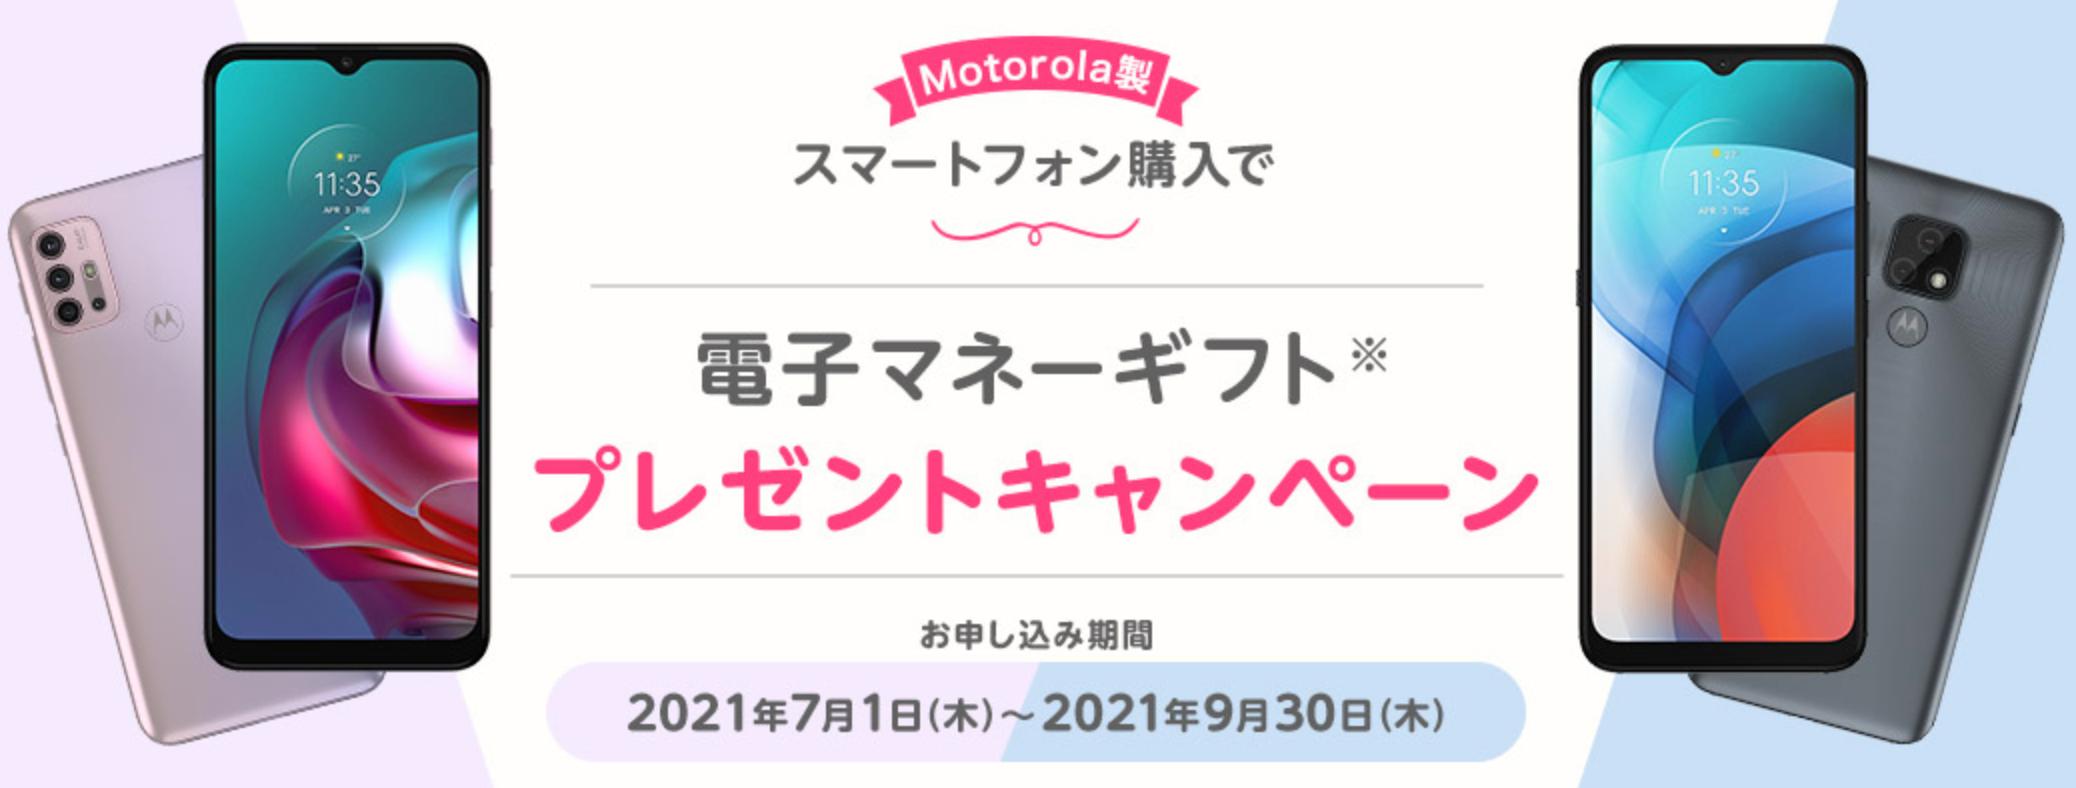 mineo_マイネオ_評判_口コミ_キャンペーン_Motorola製スマートフォン購入で電子マネーギフトプレゼントキャンペーン